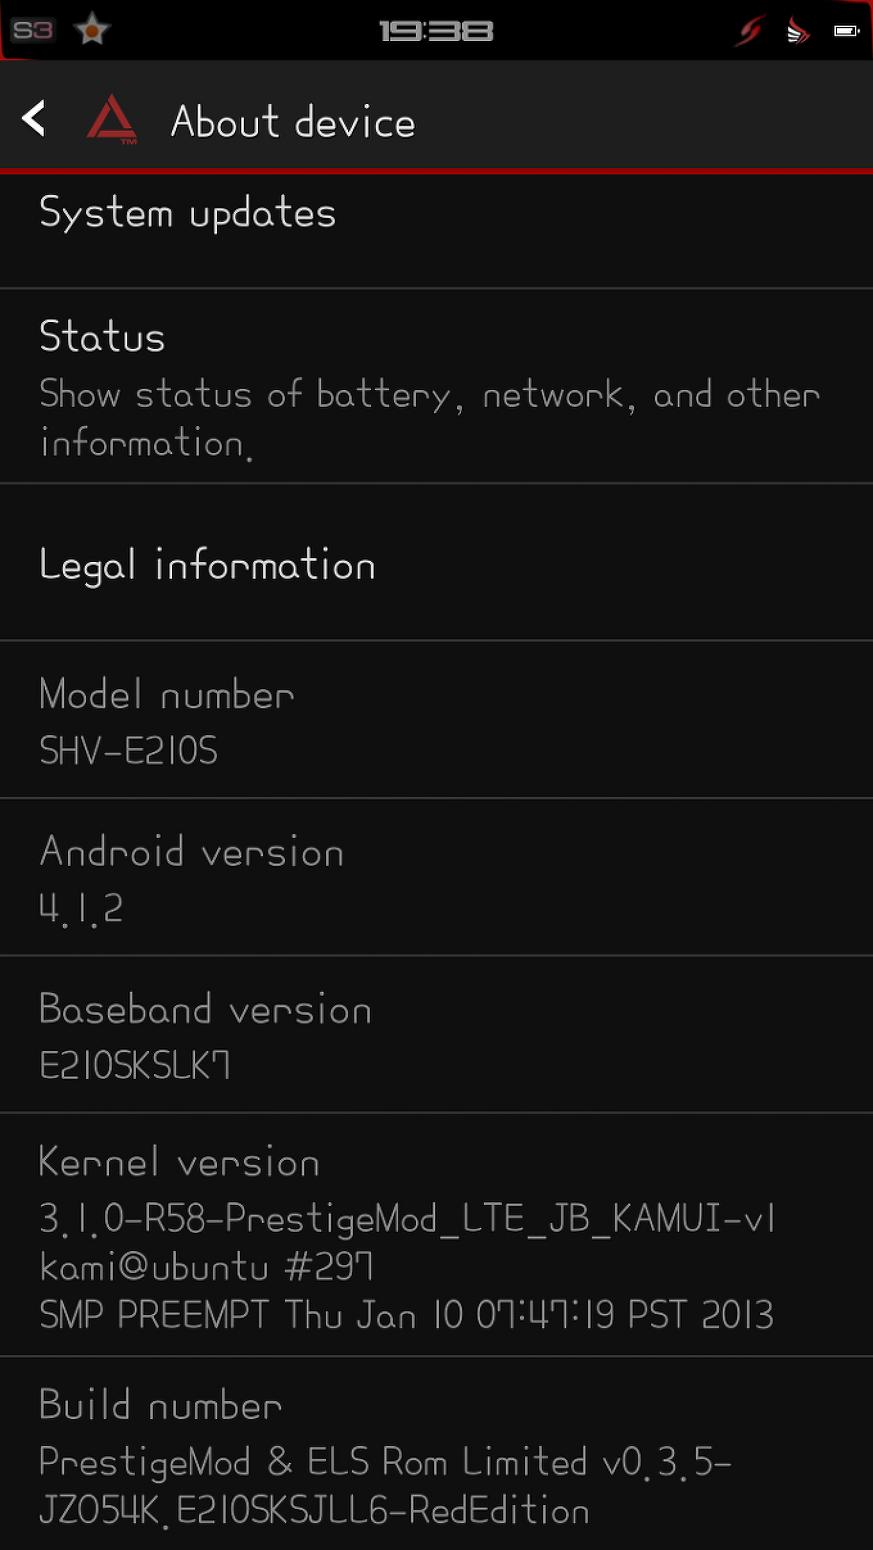 [갤럭시S3] 프레스티지 2nd 커널 v1 - SKT, KT - LTE